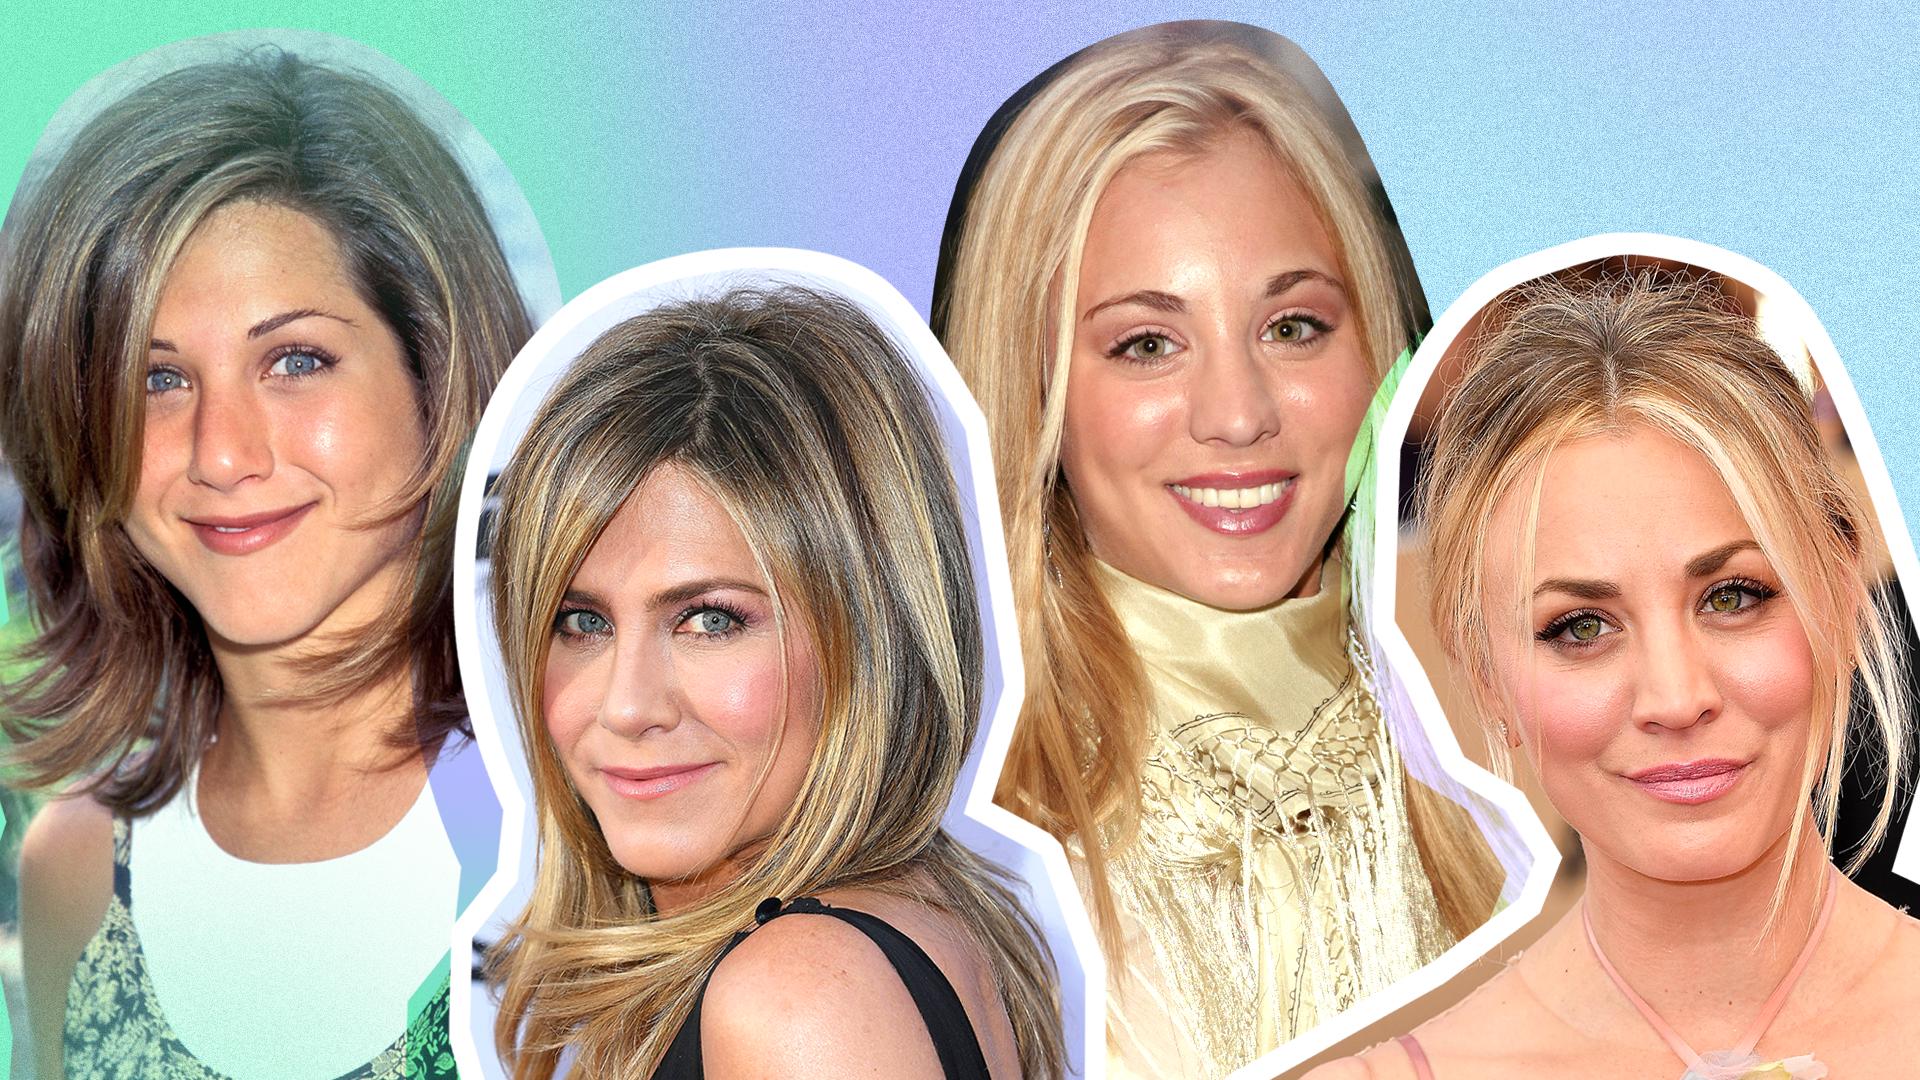 Celebrities' Confirmed Plastic Surgery